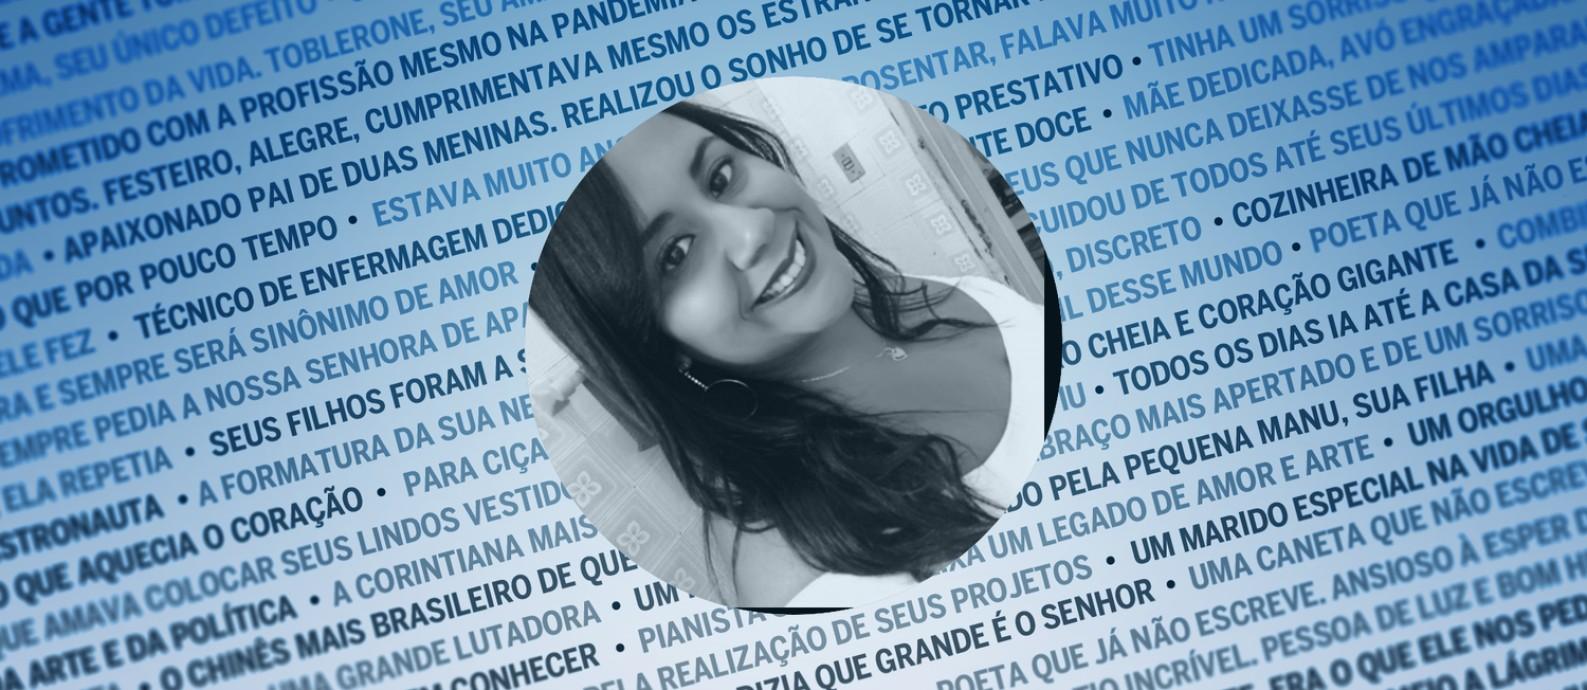 Gabriela Santos Silva Foto: Arquivo pessoal